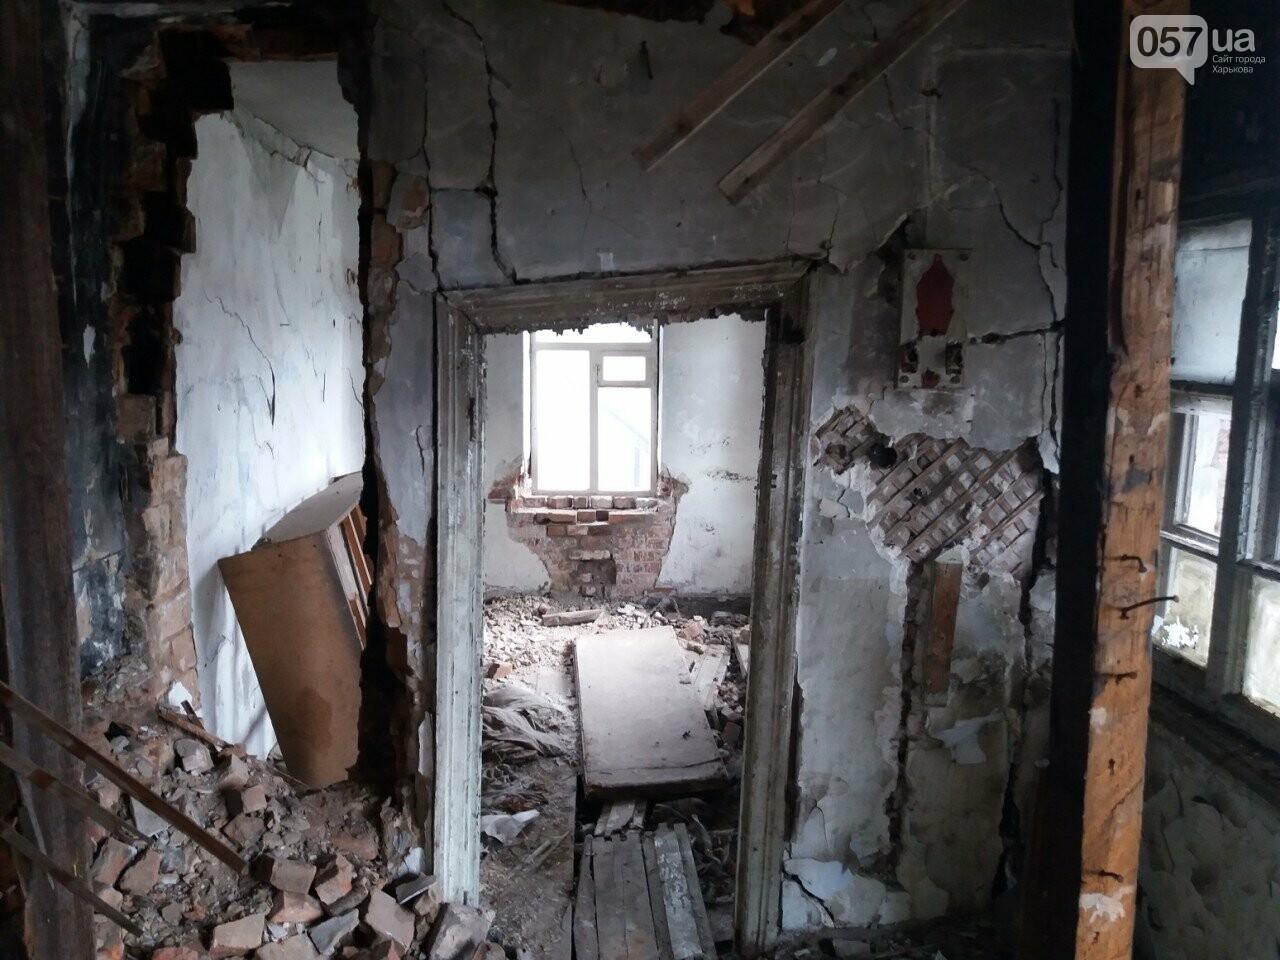 10 лет без ремонта: почему в Харькове не спешат восстанавливать аварийный дом, - ФОТО, фото-6